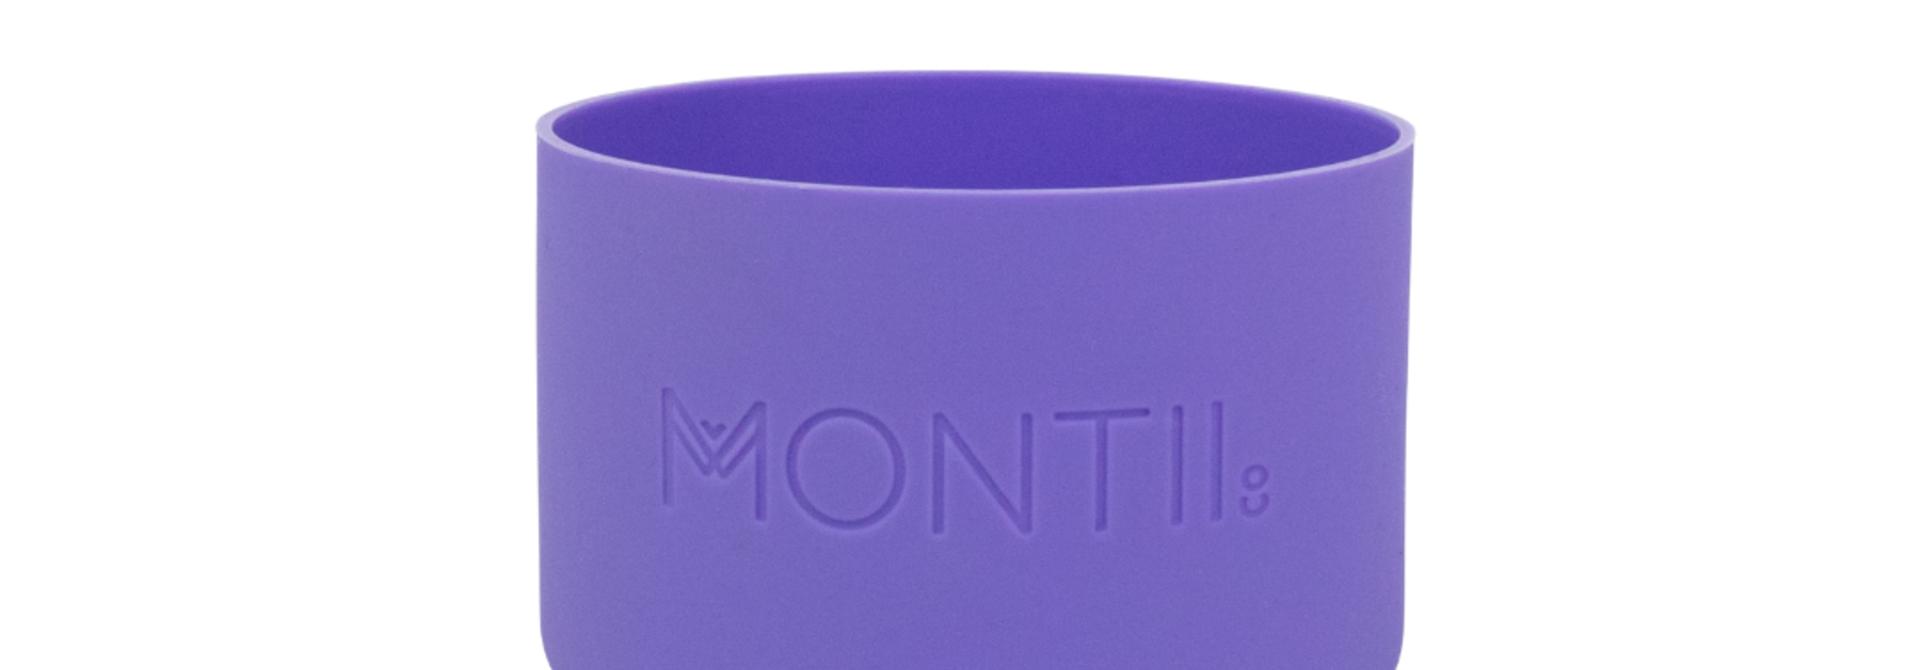 MontiiCo Mini / Original Bumper - Grape